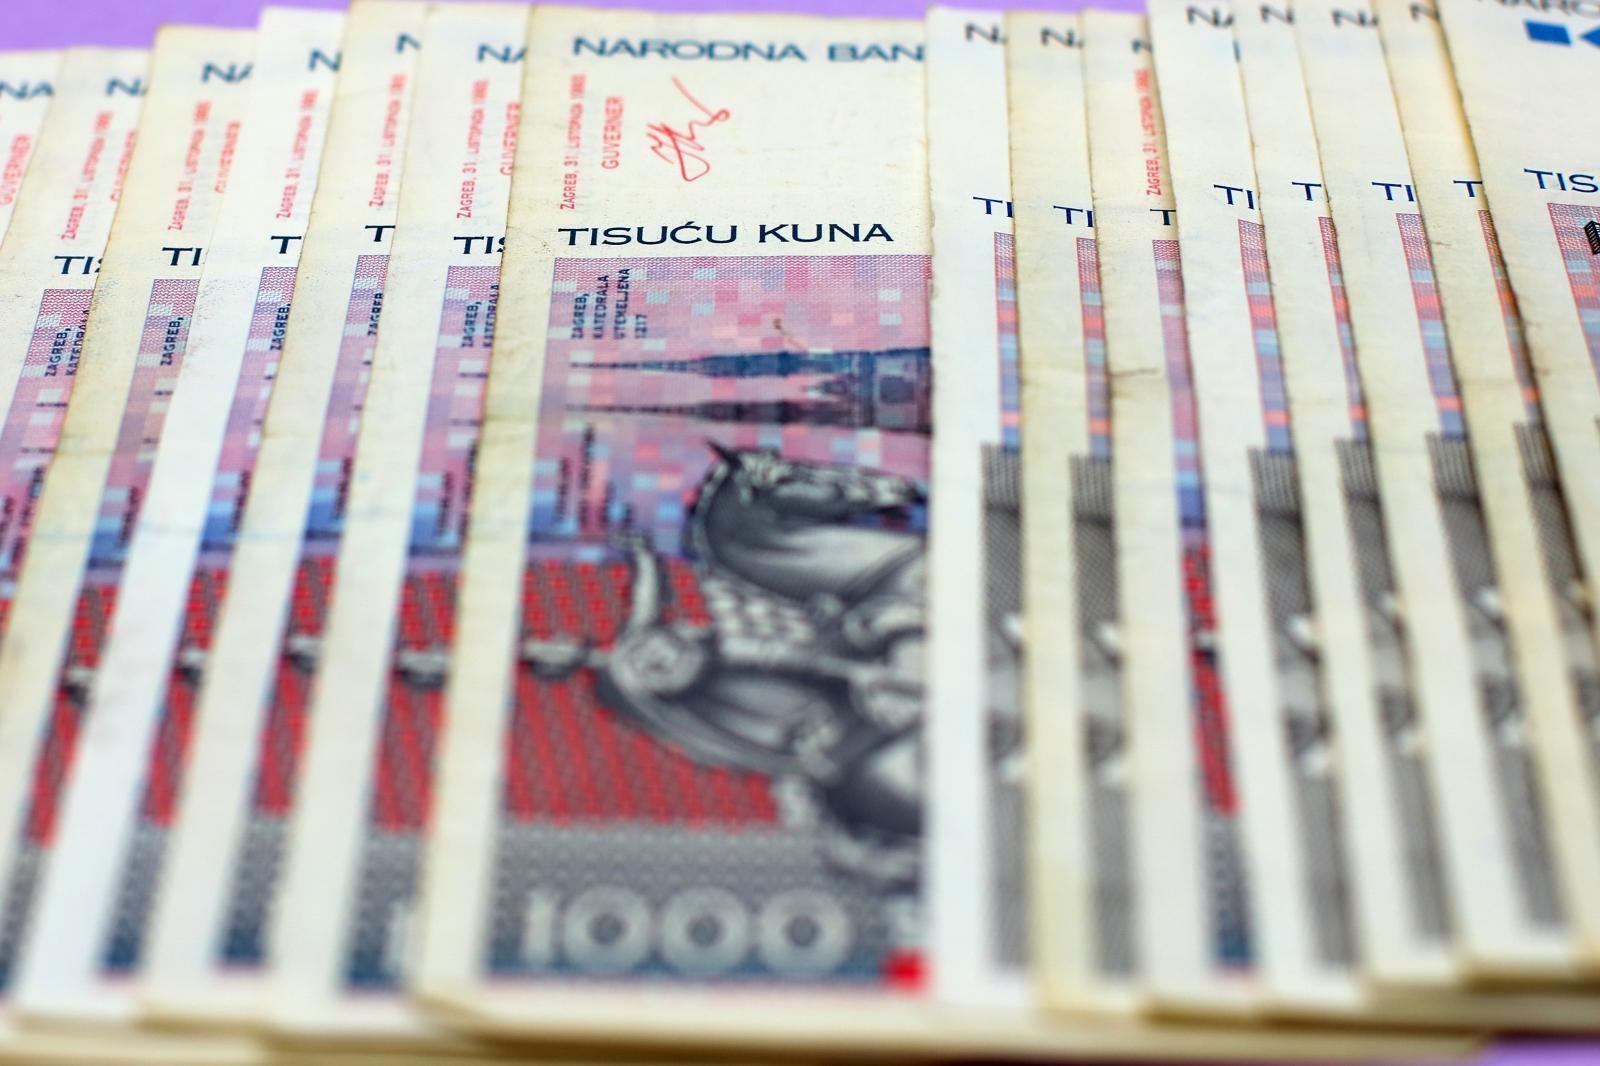 Ovih 10 hrvatskih tvrtki ima najveće neto plaće u Hrvatskoj: Dvije isplaćuju preko 10.000 eura